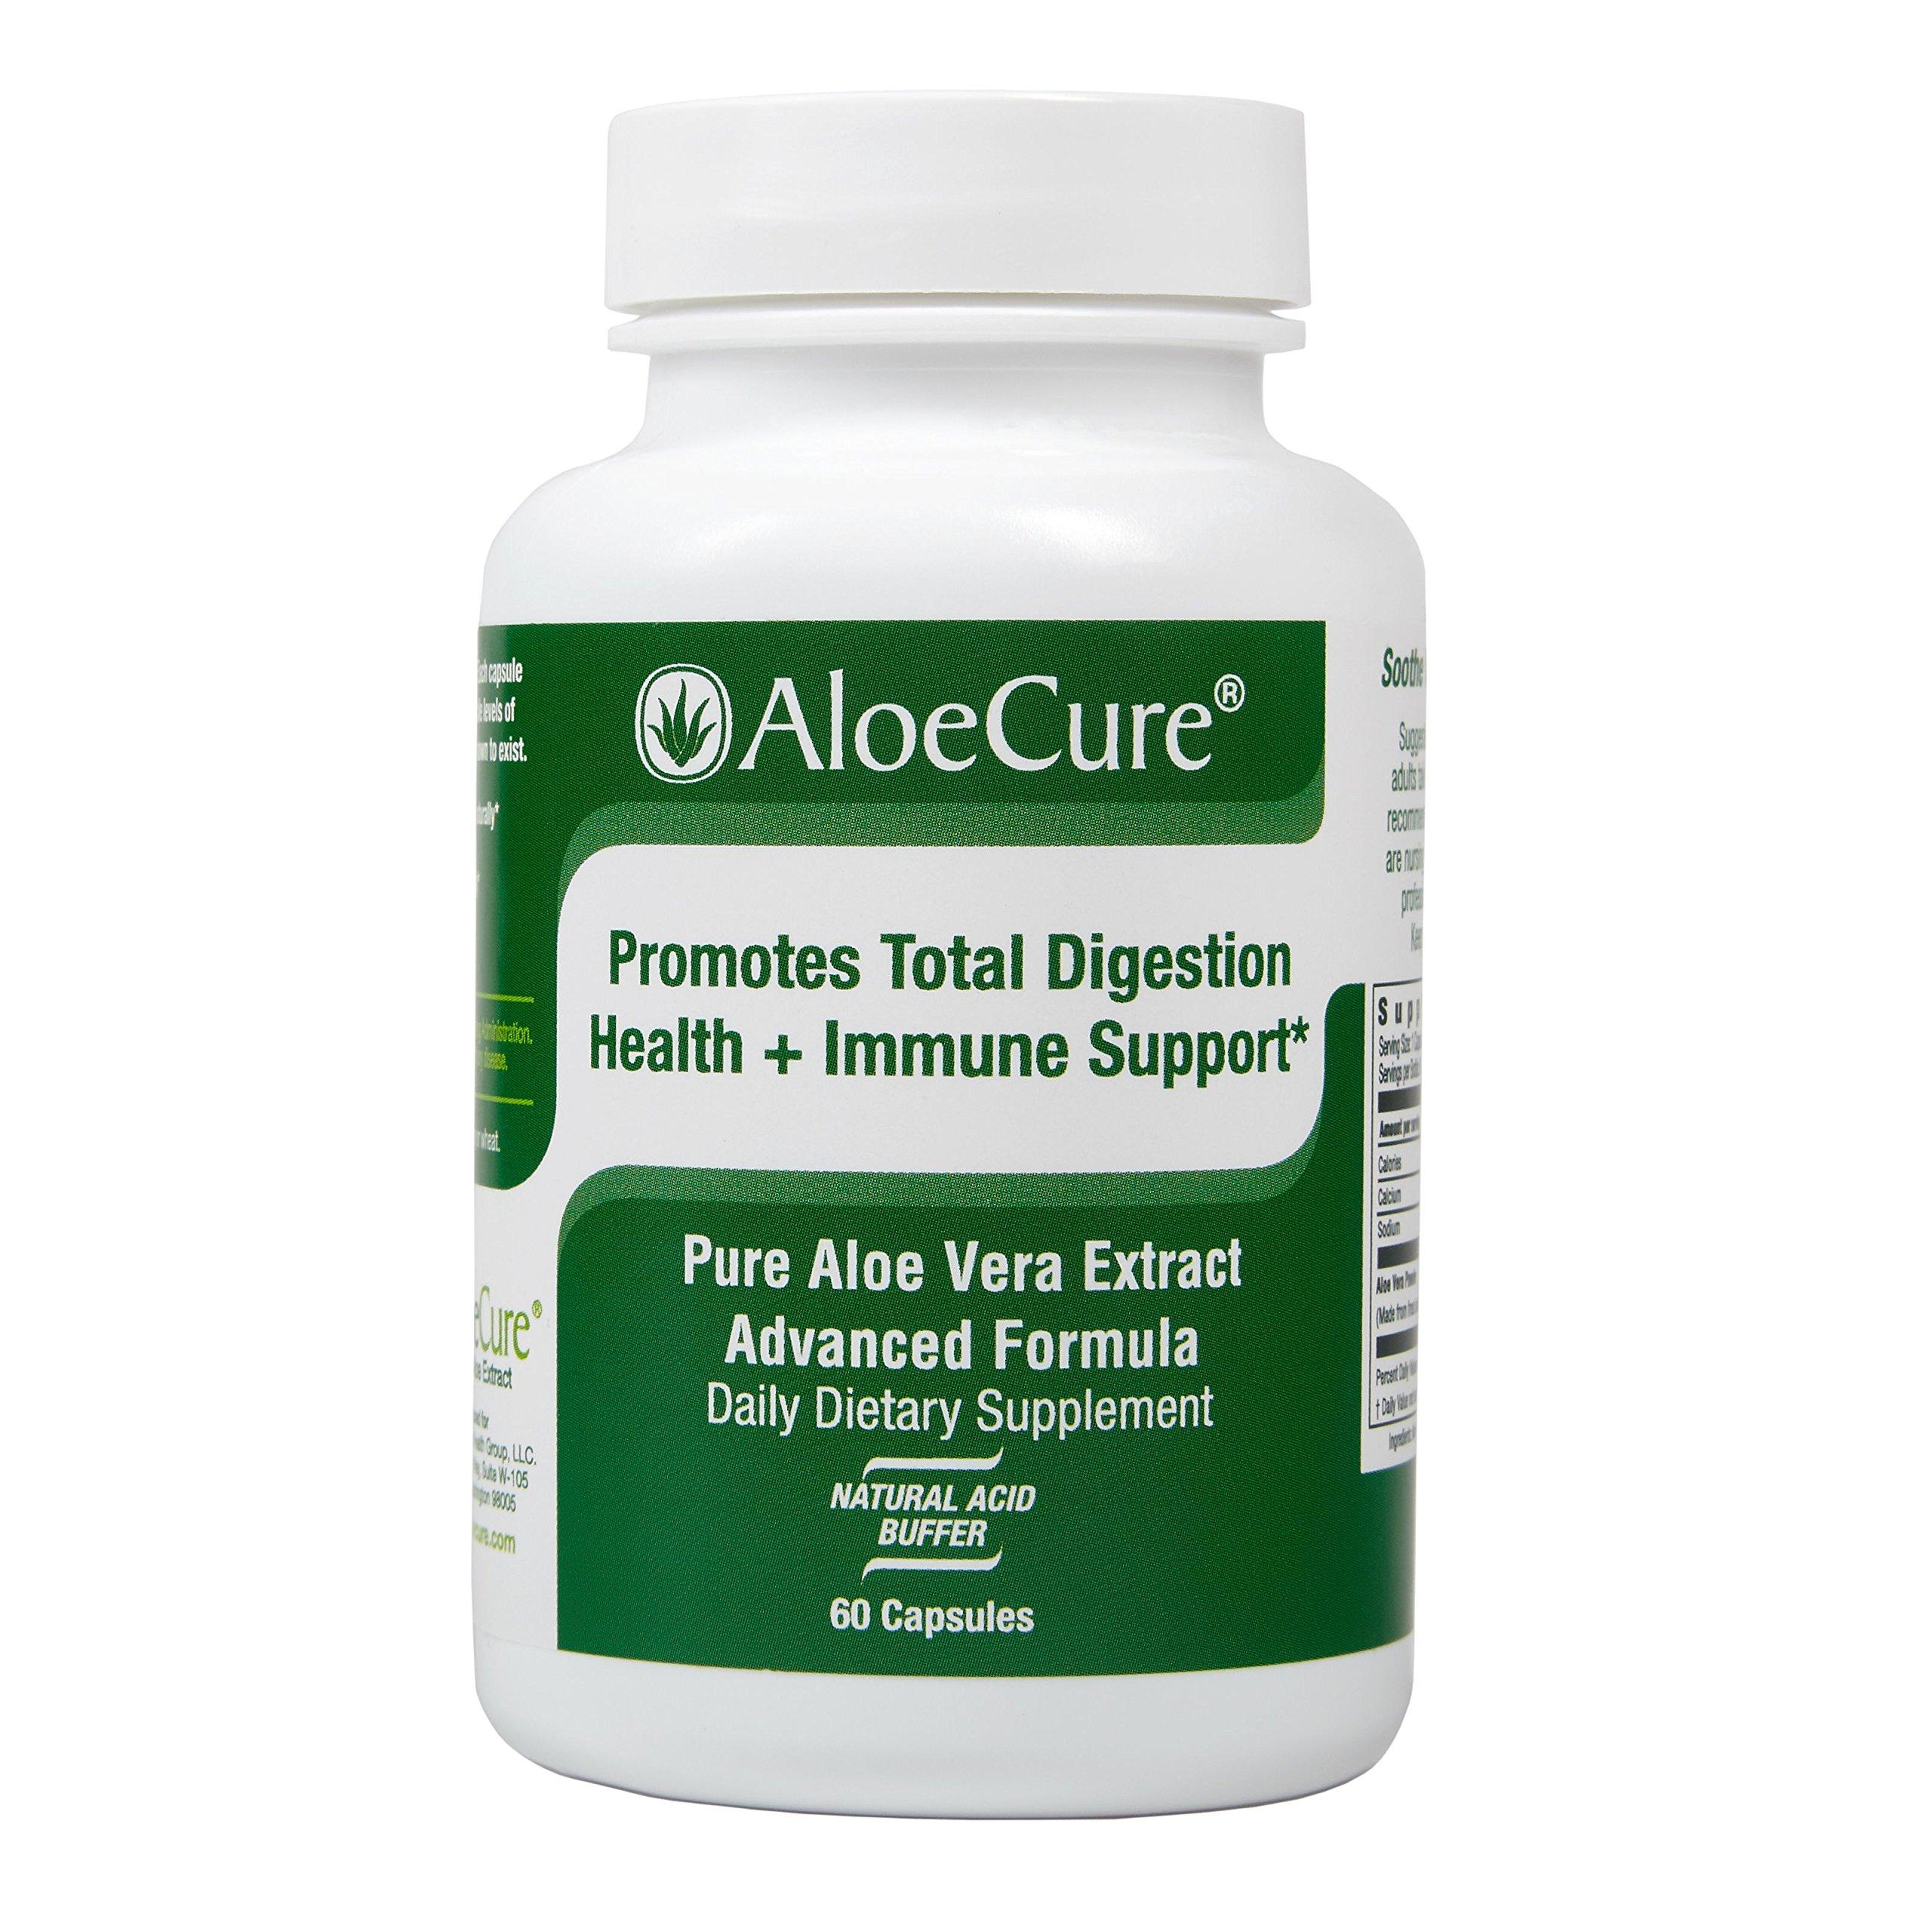 AloeCure Advanced Formula – Twice a Day Aloe Vera Capsule 60 capsules